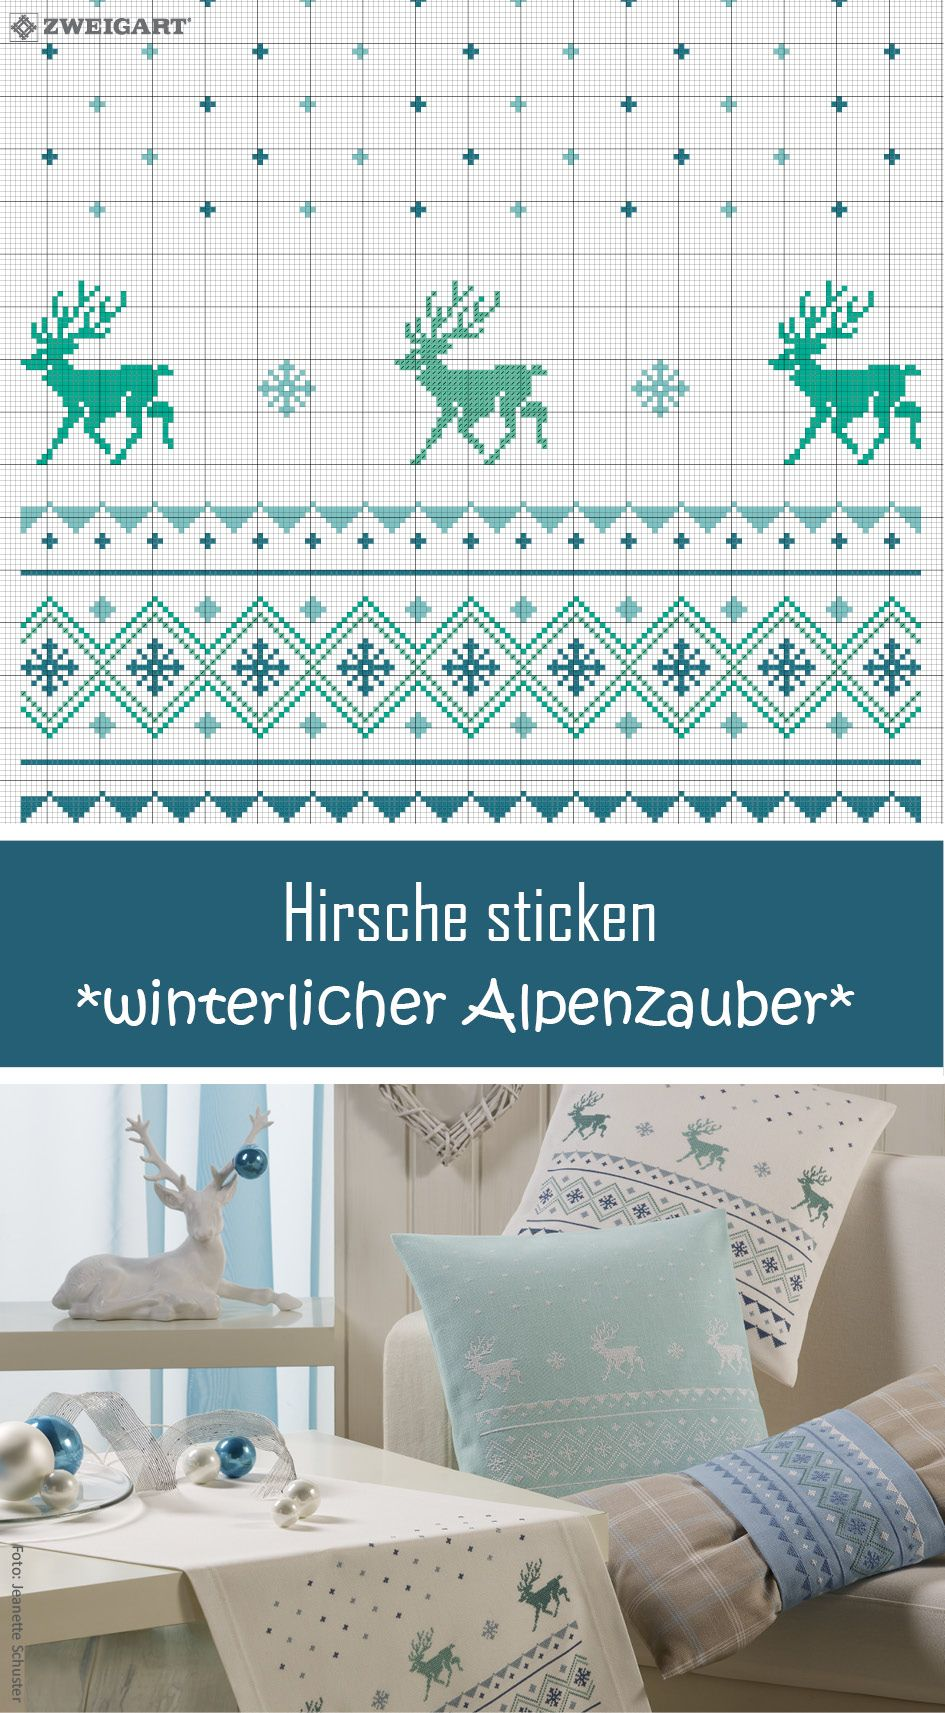 Hirsche im weihnachtlichen Alpenstil sticken - Entdecke zahlreiche ...